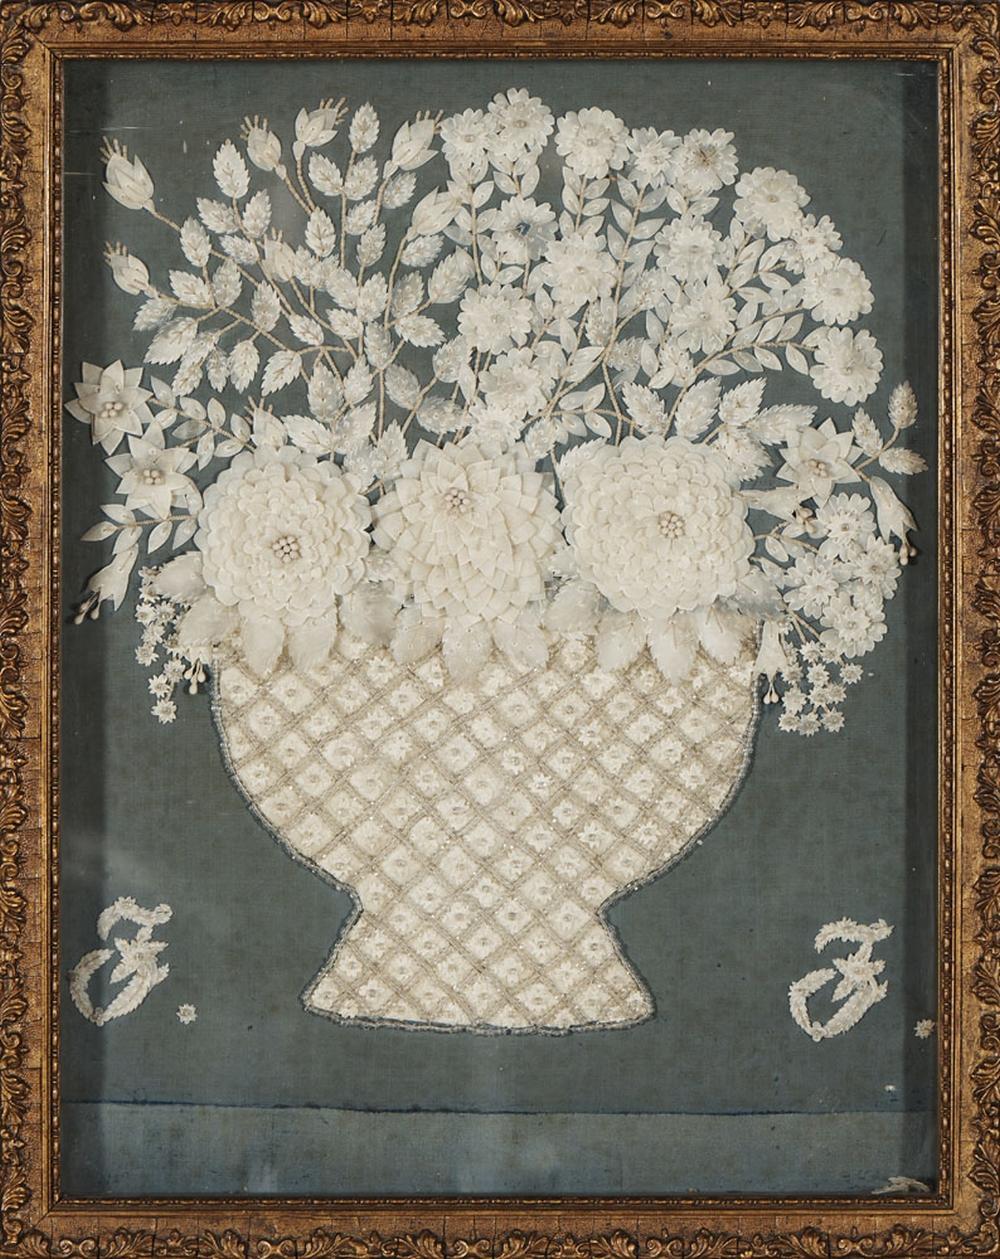 Vaso com flores bordado a missangas, 39 x 30 cm.